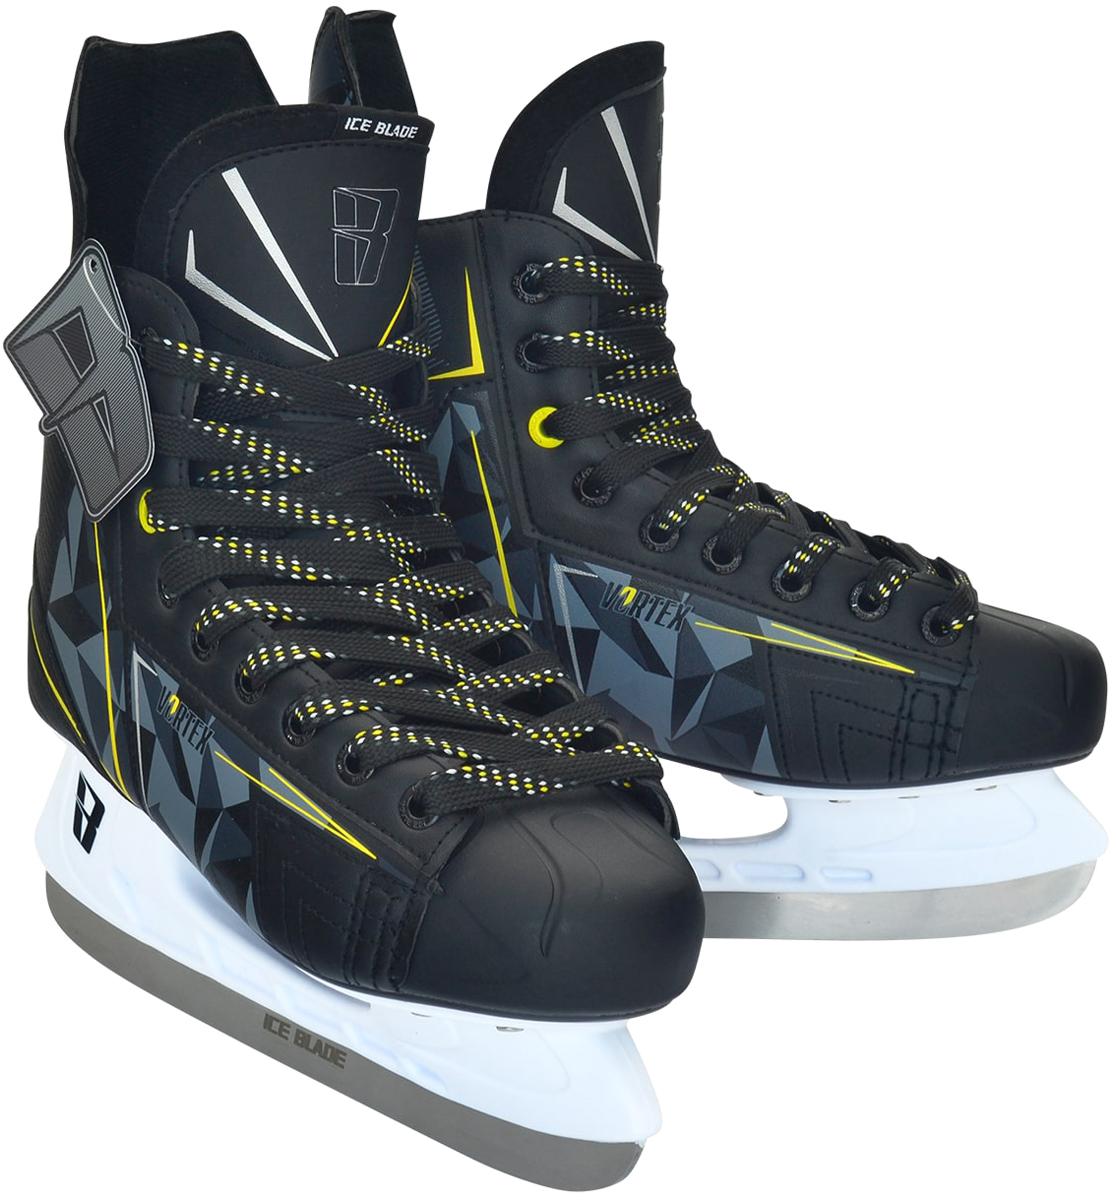 Коньки хоккейные мужские Ice Blade Vortex, цвет: серый, желтый, белый. Размер 43УТ-00010444Хоккейные коньки Ice Blade Vortex являются официальной лицензионной продукцией Континентальной Хоккейной Лиги (КХЛ). Это прекрасная любительская модель коньков с уникальным стильным дизайном, выполненным в новой стилистической концепции КХЛ. В таких коньках Вы будете выделяться на любом катке. Коньки КХЛ Ice Blade Vortex - это прекрасный подарок для любого любителя хоккея! Усиленная жесткость ботинка, износостойкие материалы, устойчивые к порезам, дополнительные вставки из EVA и MEMORY foam не только продлевают срок службы, но и повышают комфорт во время катания.Коньки поставляются в стильной коробке и с заводской заточкой лезвия, что позволяет сразу приступить к катанию, не тратя времени и денег на заточку. Коньки подходят для использования на открытом и закрытом льду.Основные характеристики: Назначение: хоккейные конькиТип фиксации: шнуркиРазмеры: 36, 37, 38, 39, 40, 41, 42, 43, 44, 45, 46, 47Цвет: черный, серый, желтыйДополнительные характеристики:Материал ботинка: искусственная кожа, высокопрочная нейлоновая ткань, ударостойкий пластикВнутренняя отделка: текстильные материалыЛезвие: выполнено из высокоуглеродистой стали с покрытием из никеляУпаковка: красочная коробка Дополнительно: гарантия 1 год